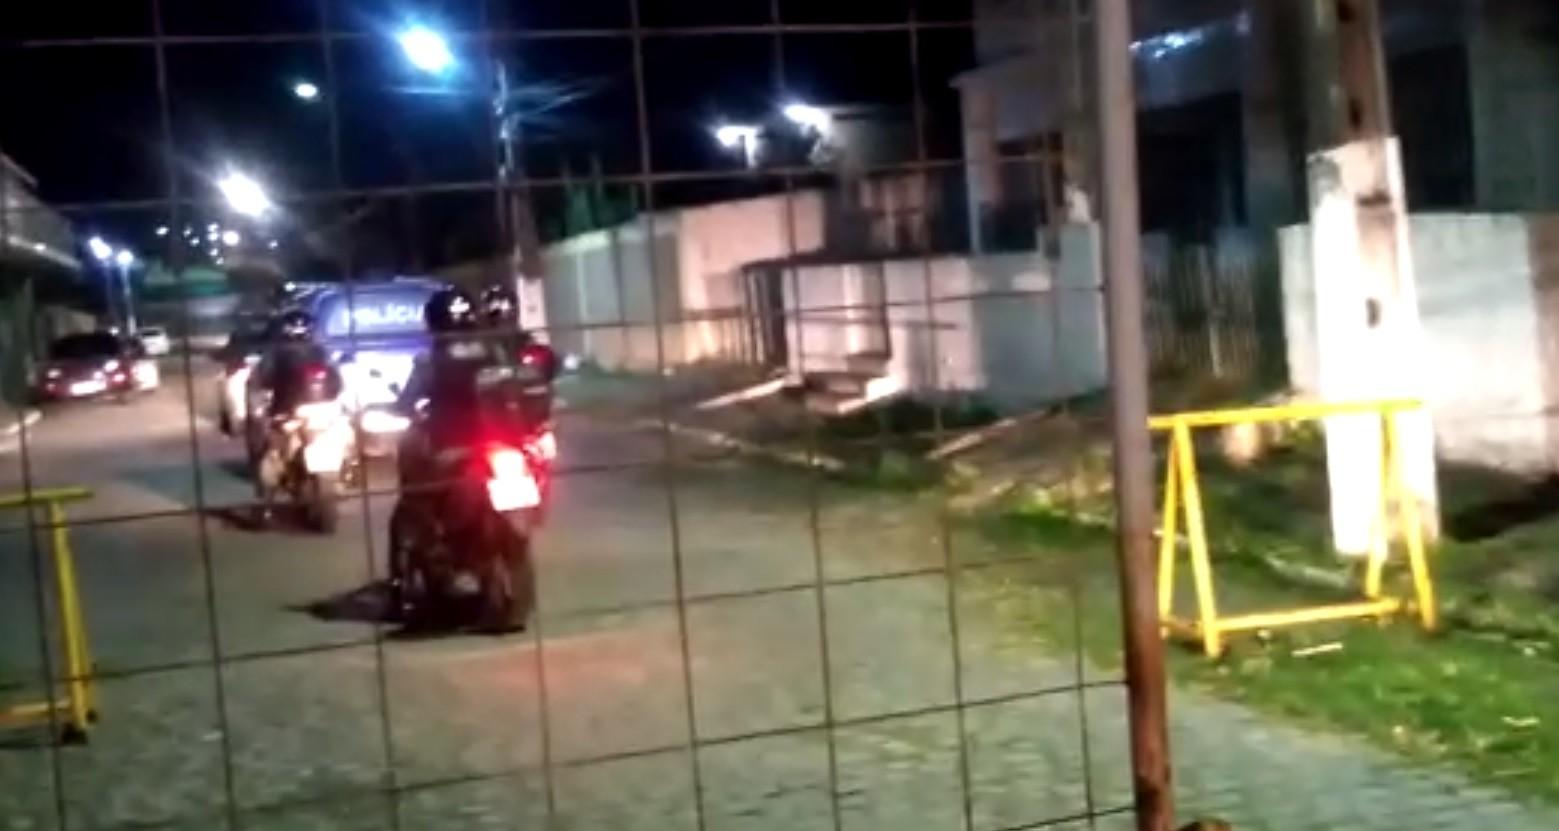 Operação policial prende em flagrante cinco integrantes de quadrilha envolvida com tráfico de drogas e homicídios em Goiana